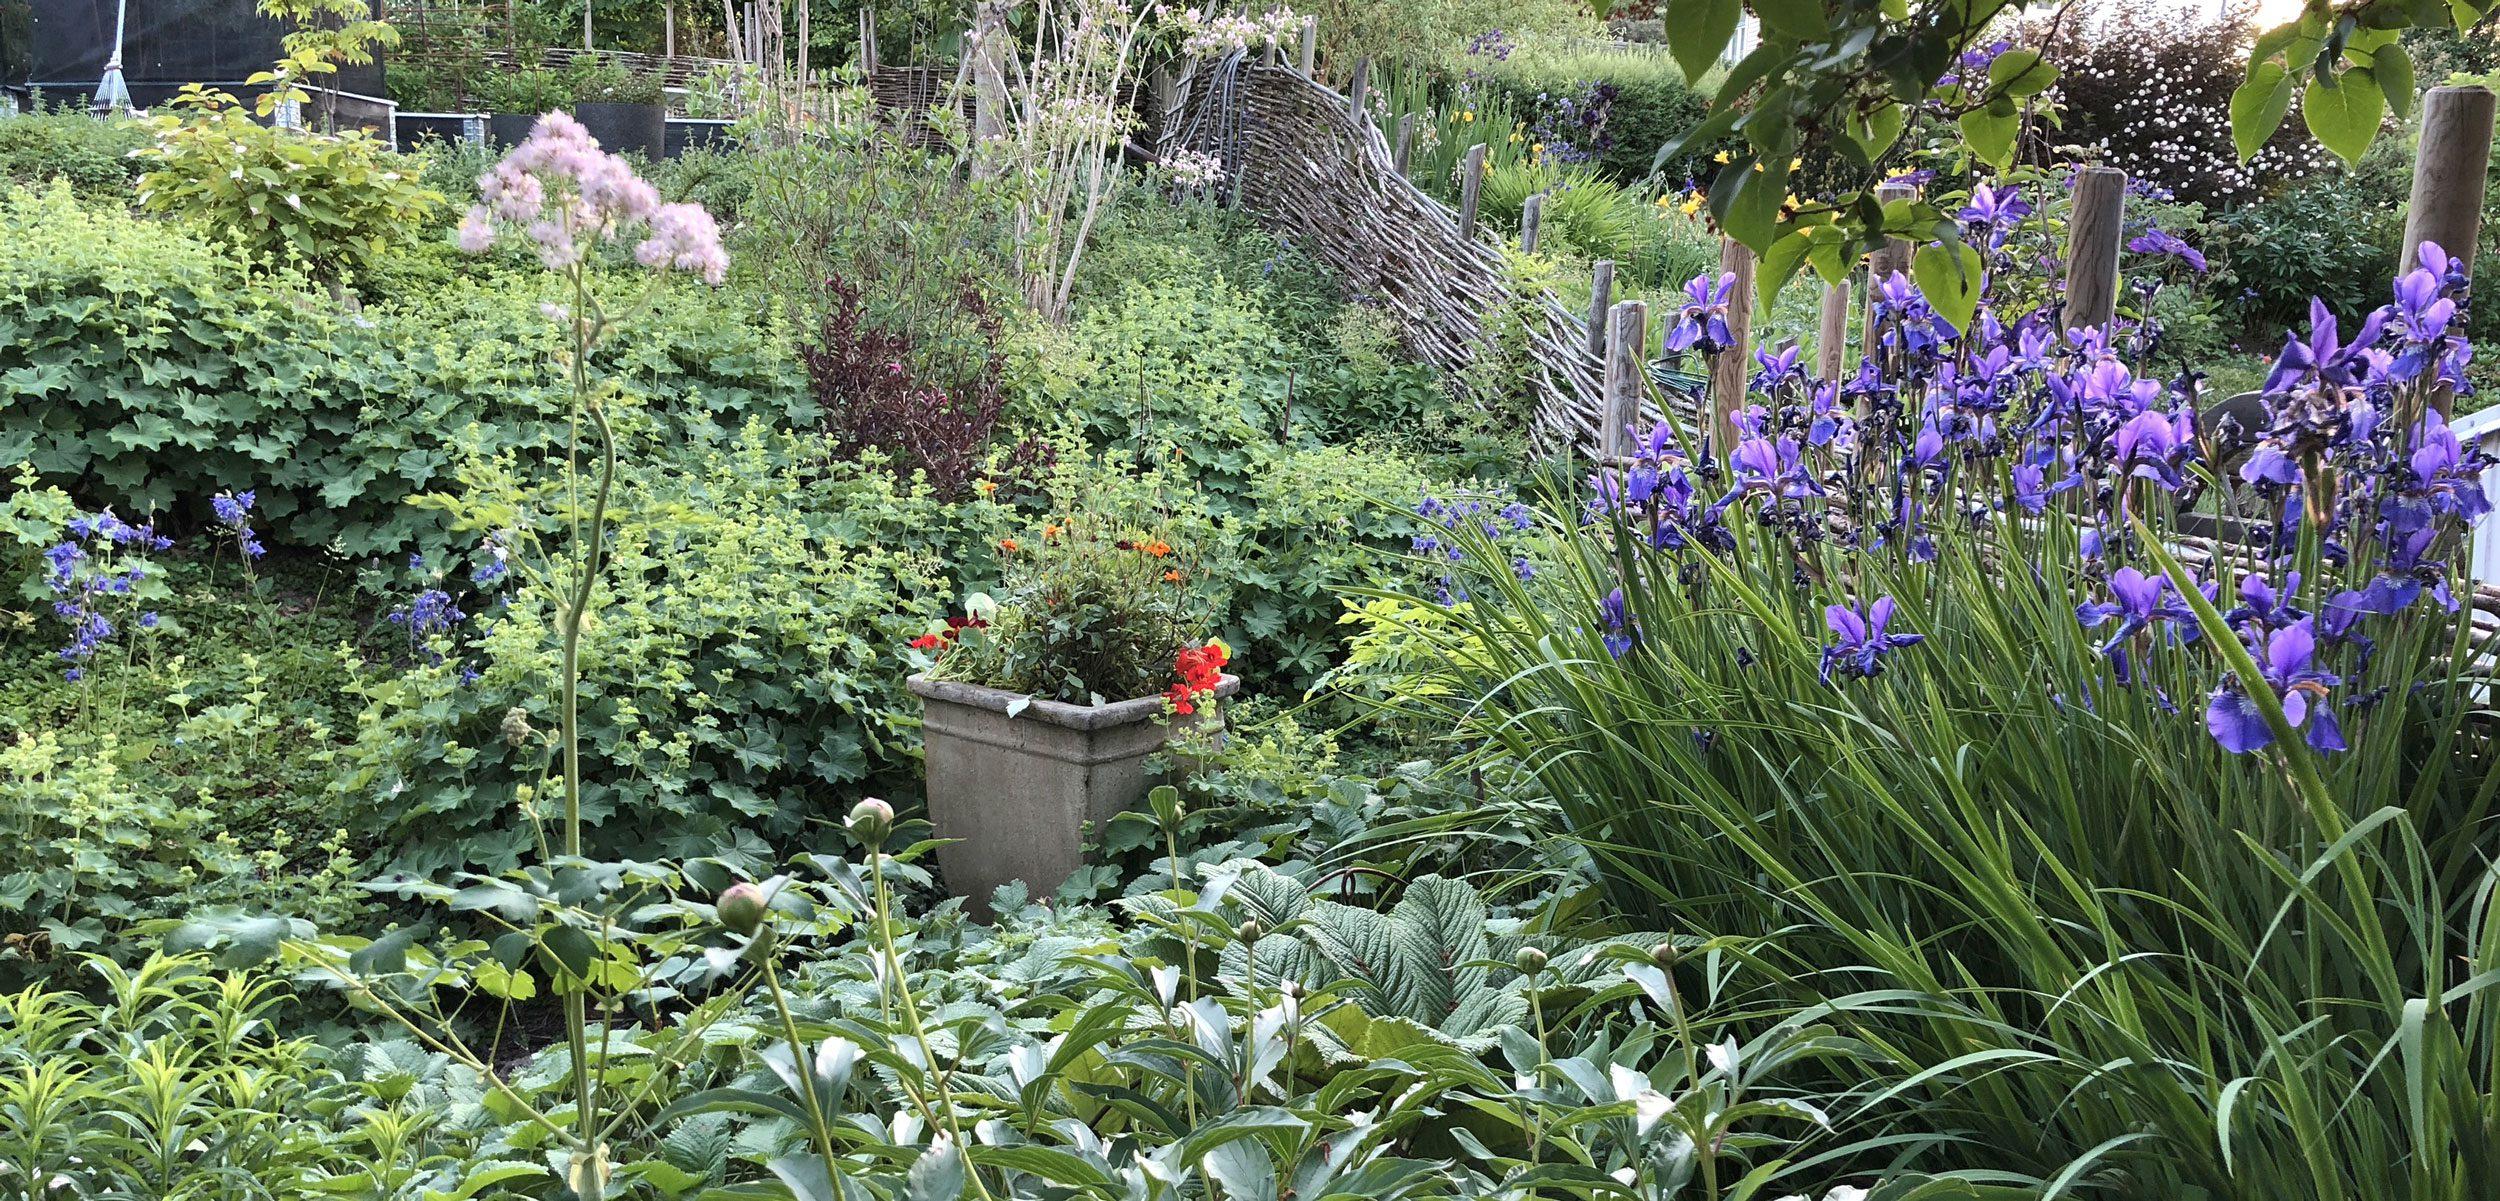 Vy över trädgård med perenner, stor kruka och flätat pilstaket.